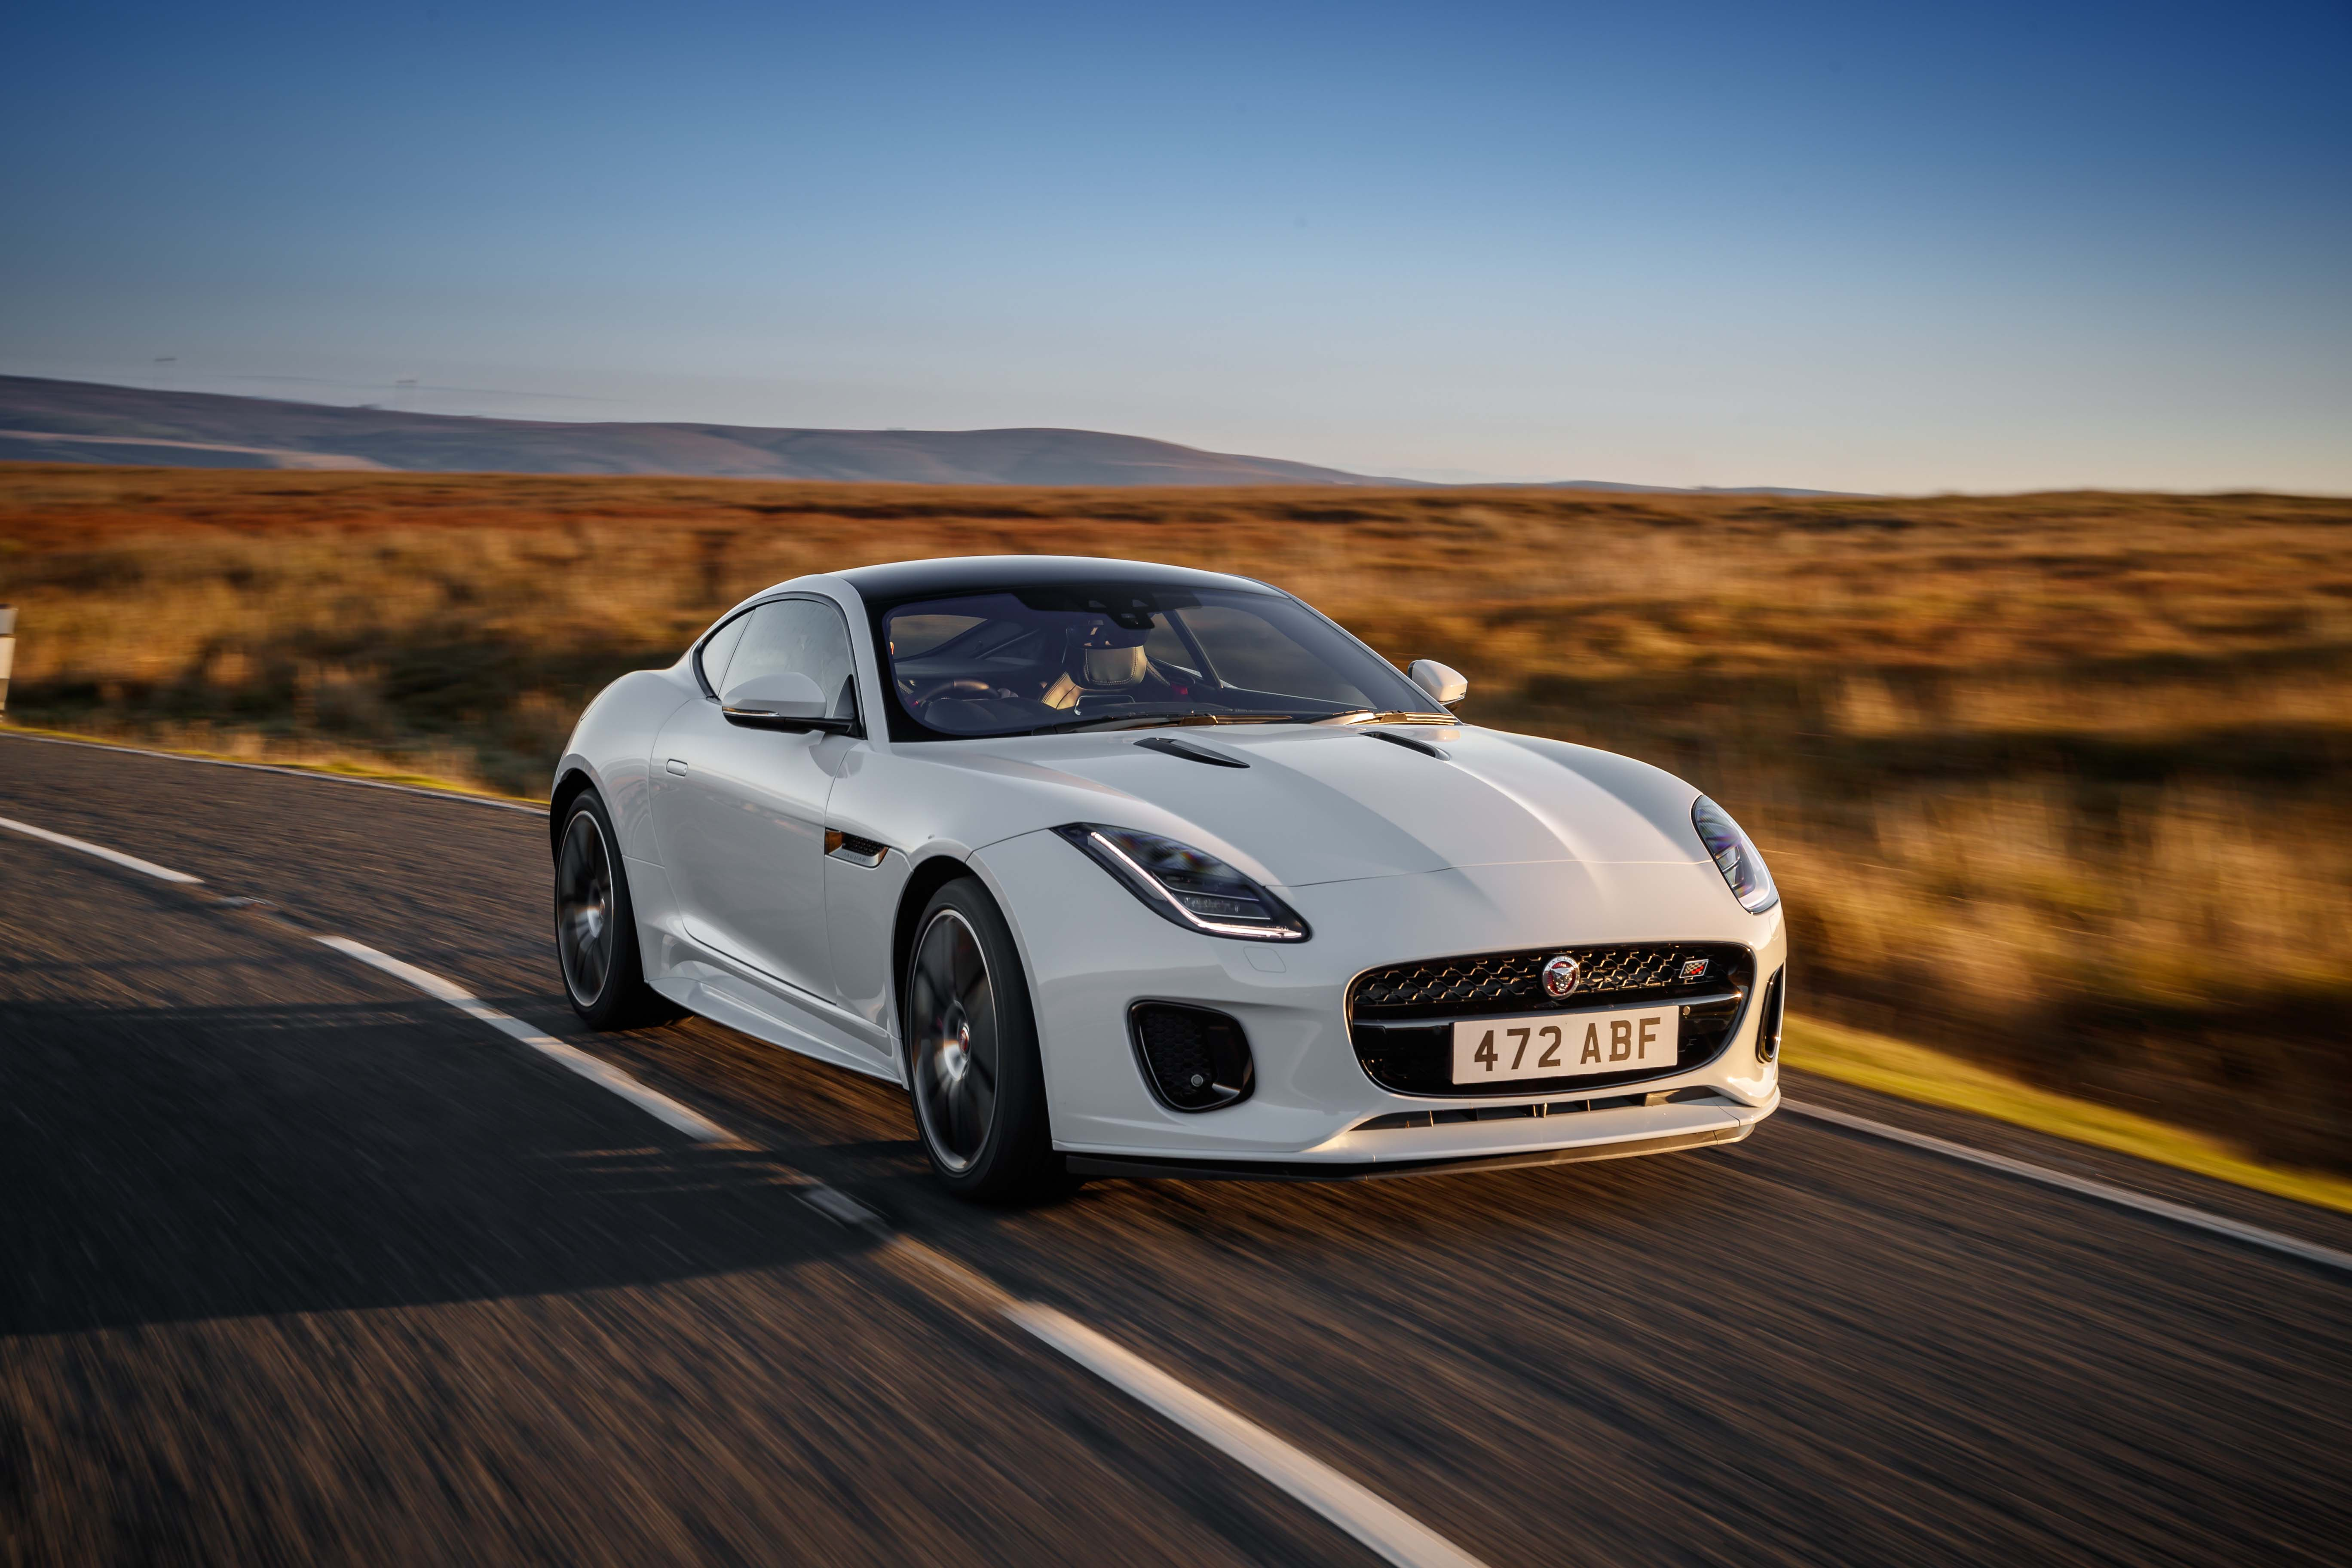 Jaguar New Supercars 2020 - automotive wallpaper